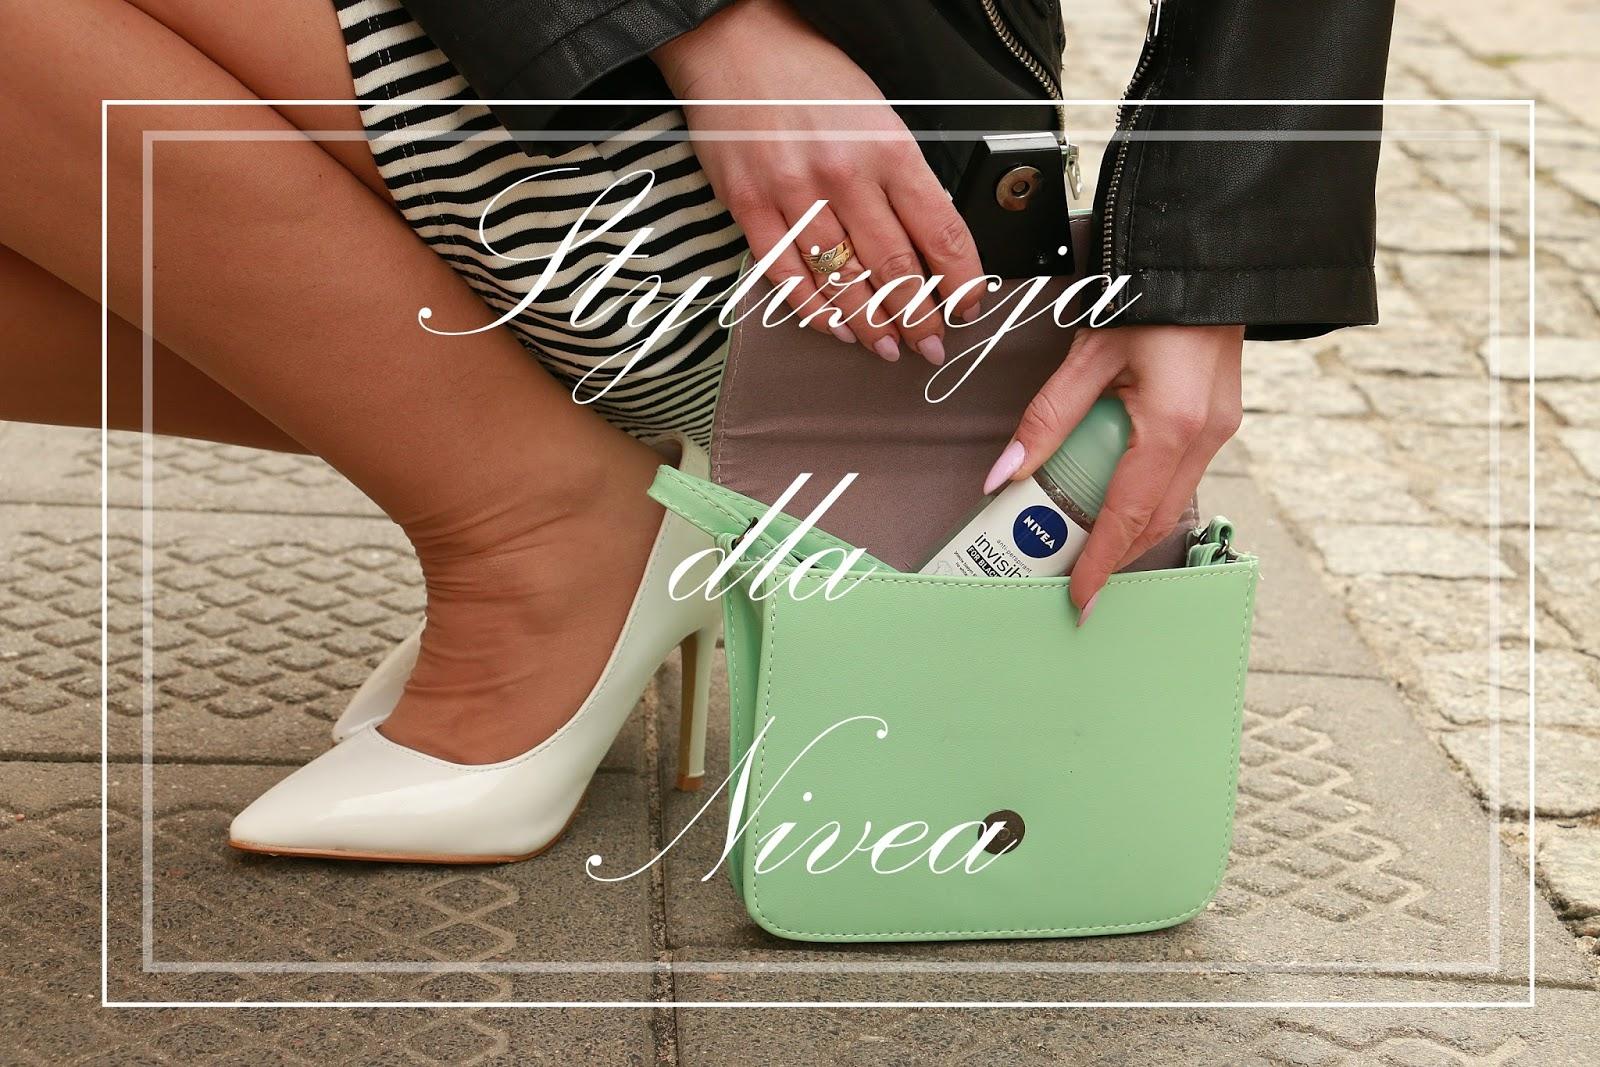 Stylizacja dla Nivea/ Odśwież swój styl na wiosnę.